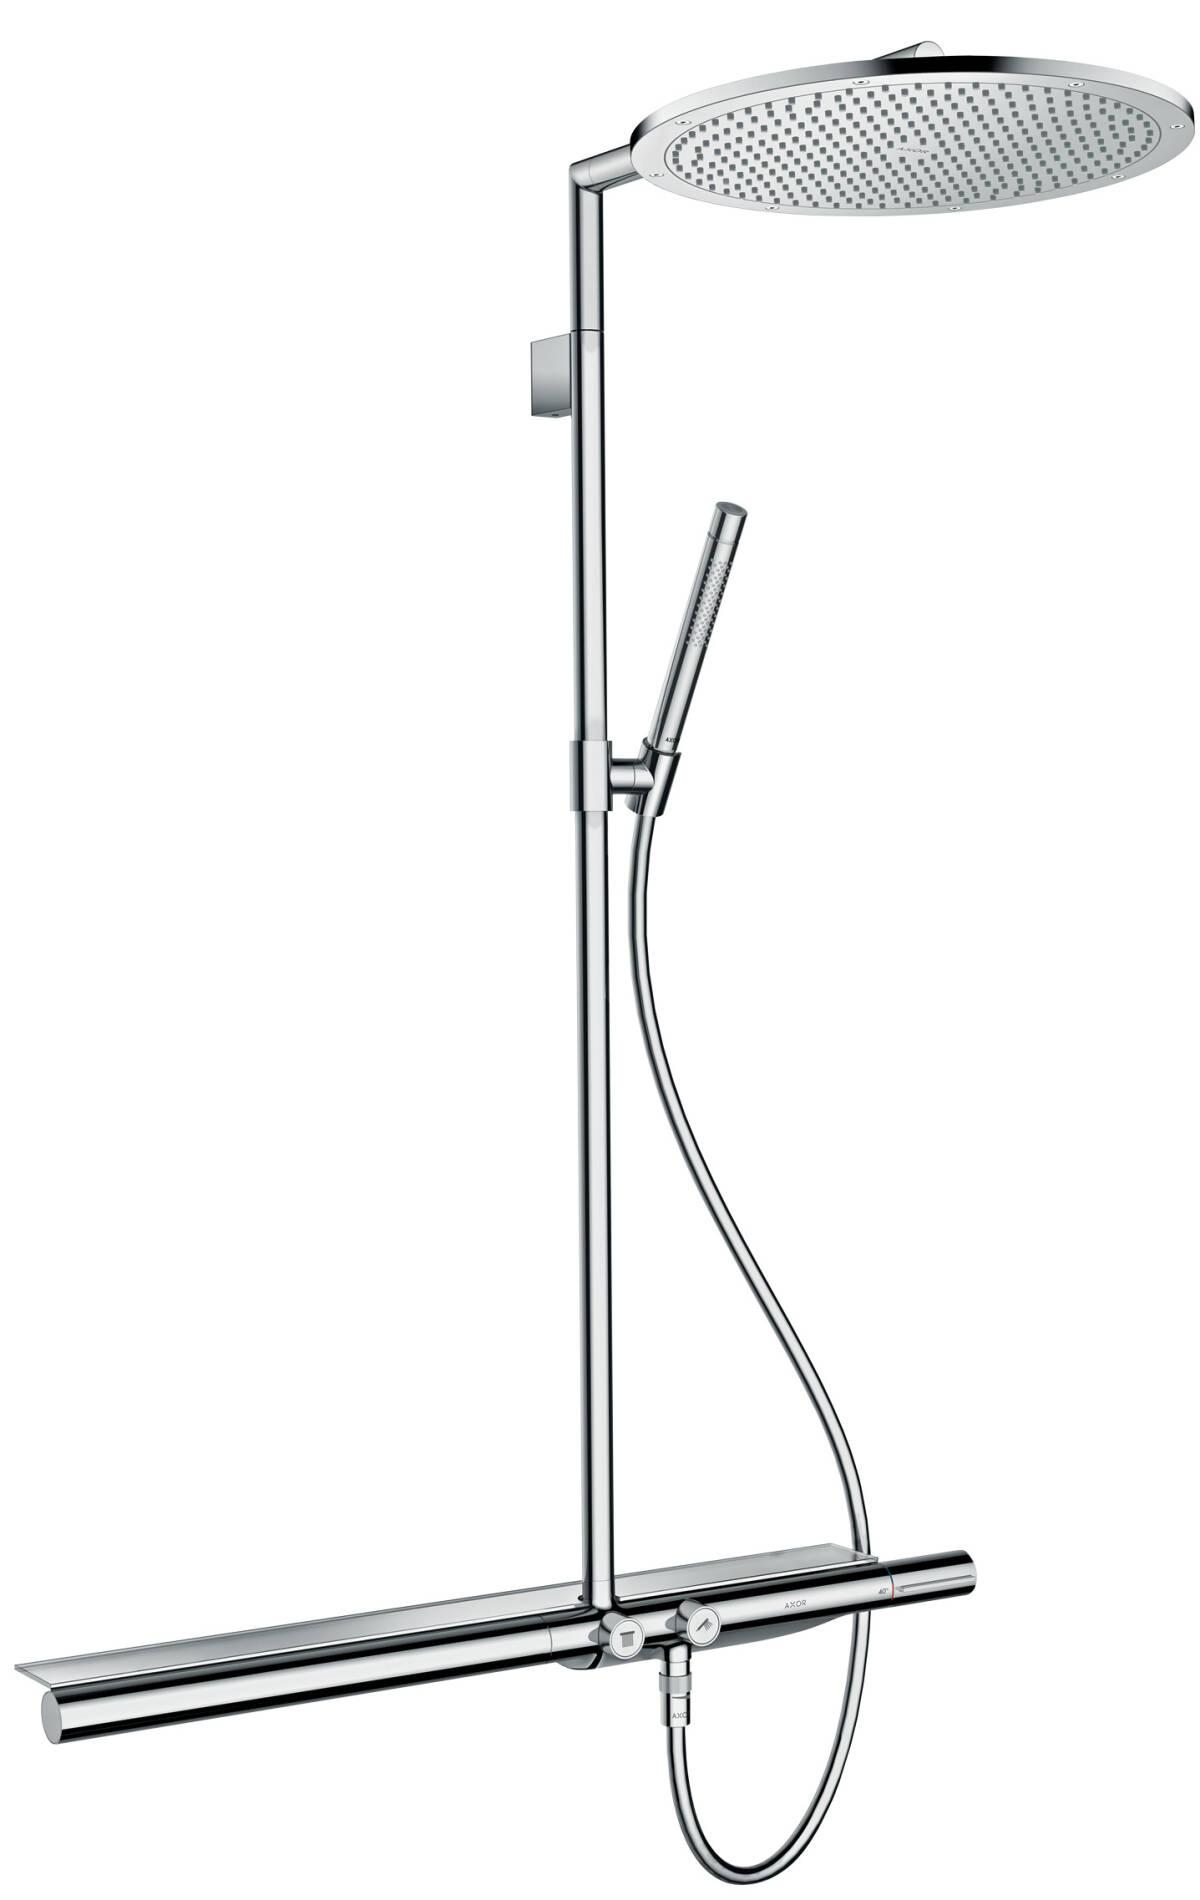 Showerpipe mit Thermostat 800 und Kopfbrause 350 1jet, Chrom, 27984000